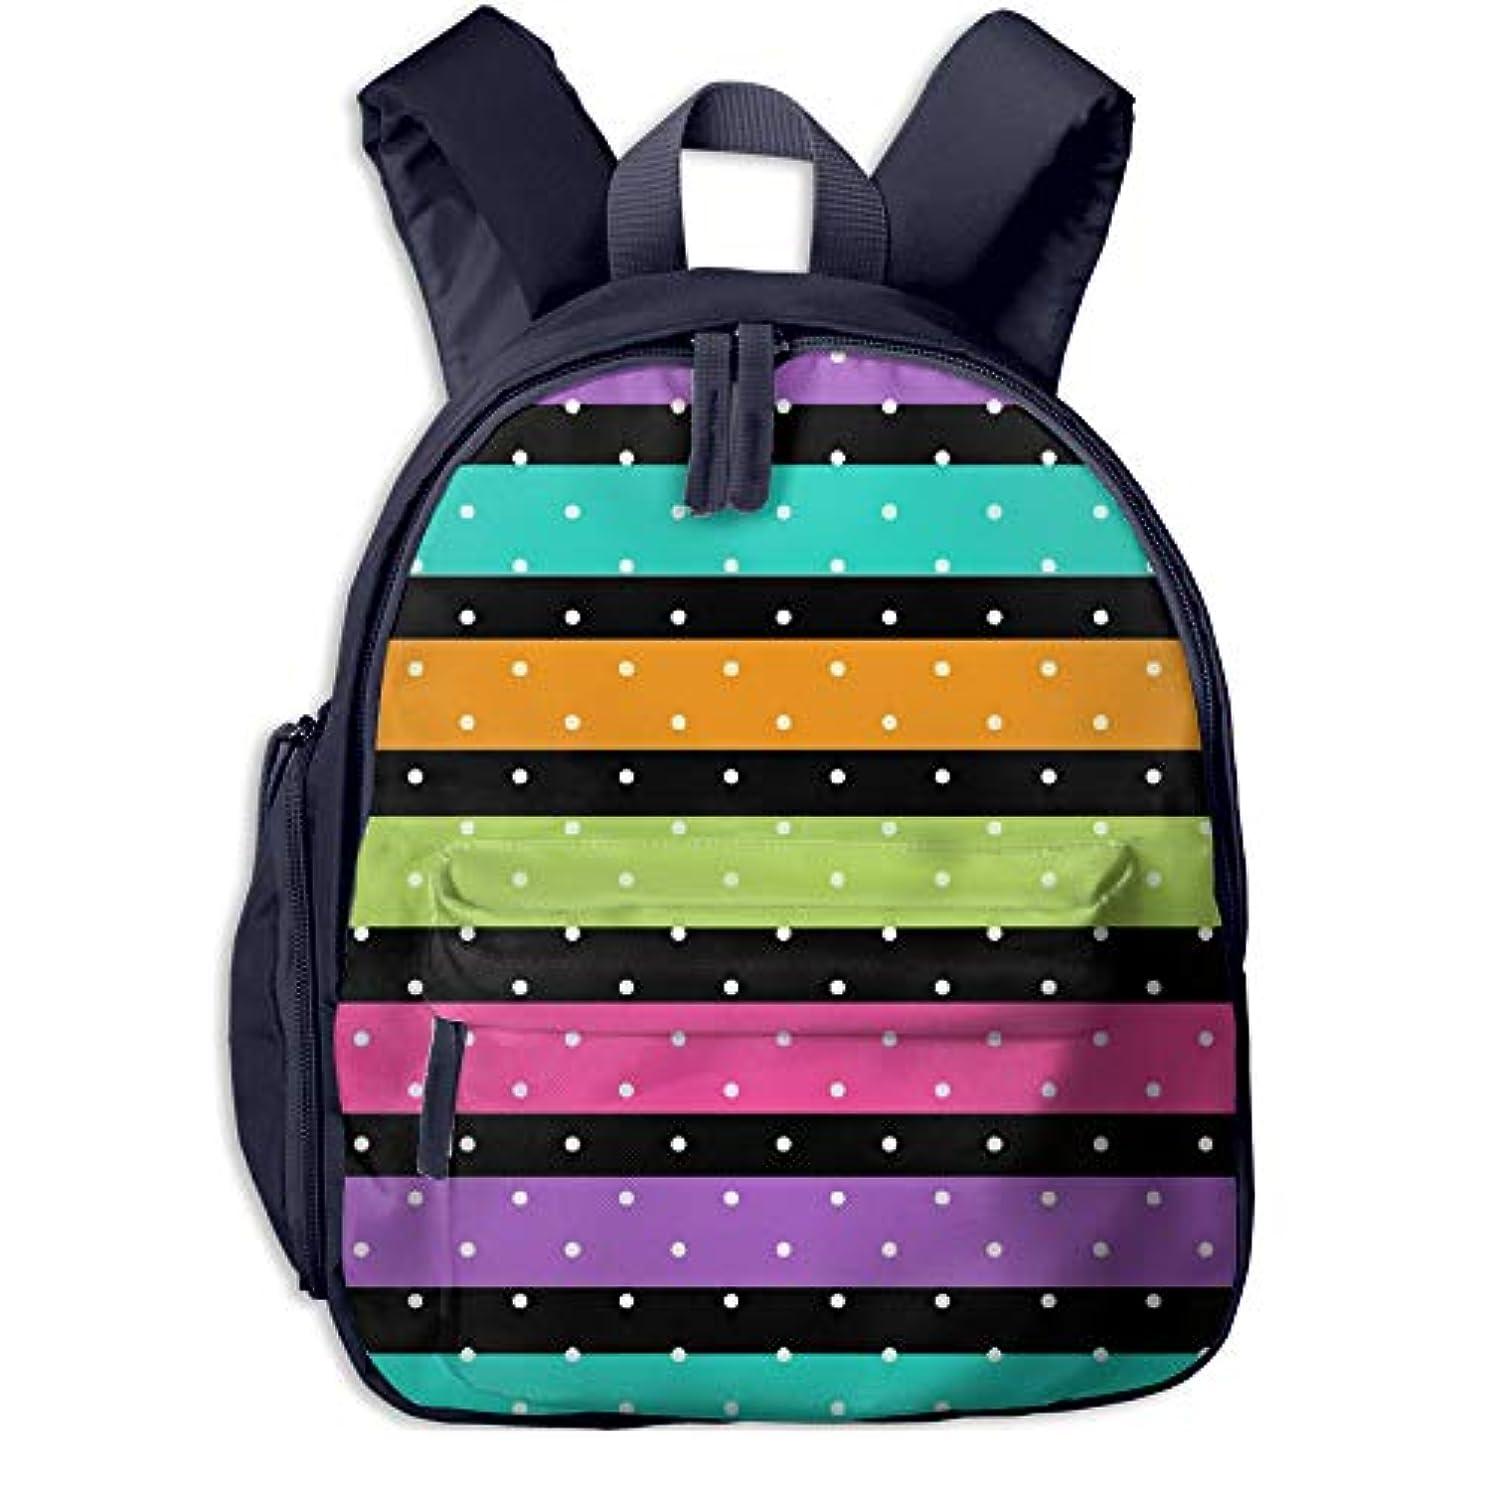 わかりやすい葡萄同級生虹 かわいい 子供用バックパック 綺麗 キッズ リュック 実用性 通学 パック ポケット付き